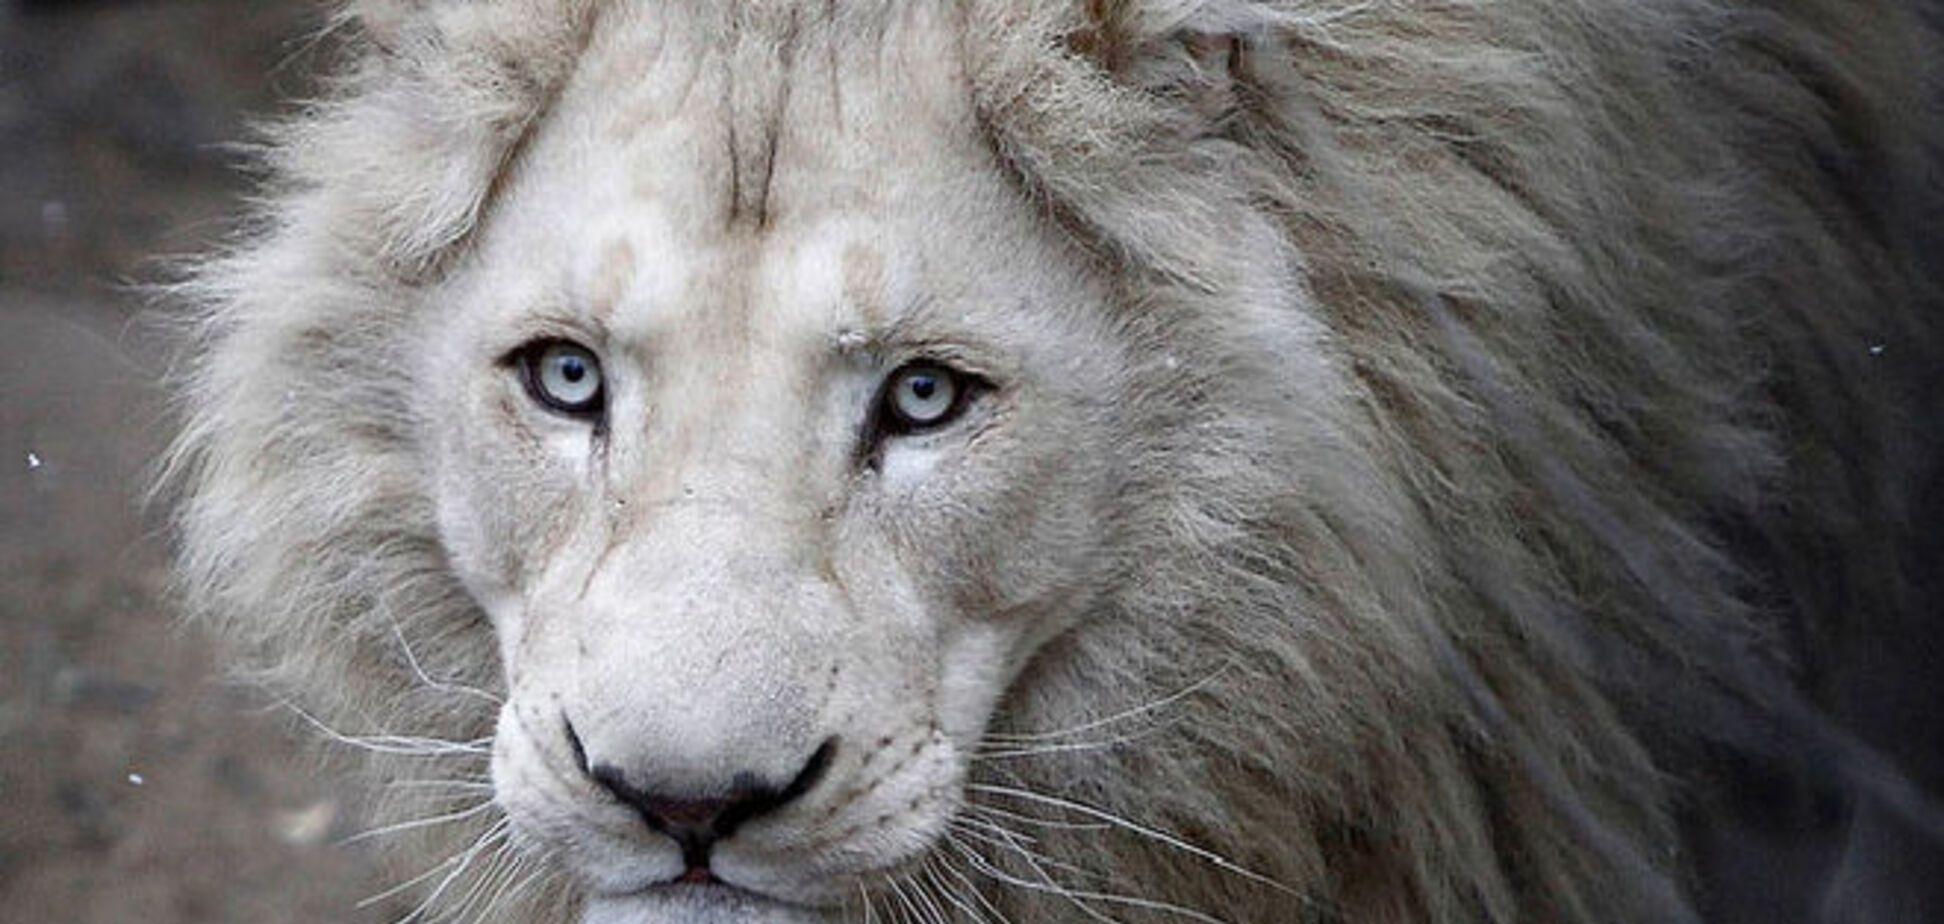 Повінь в Тбілісі: спецназ застрелив улюбленця публіки лева Шумбу